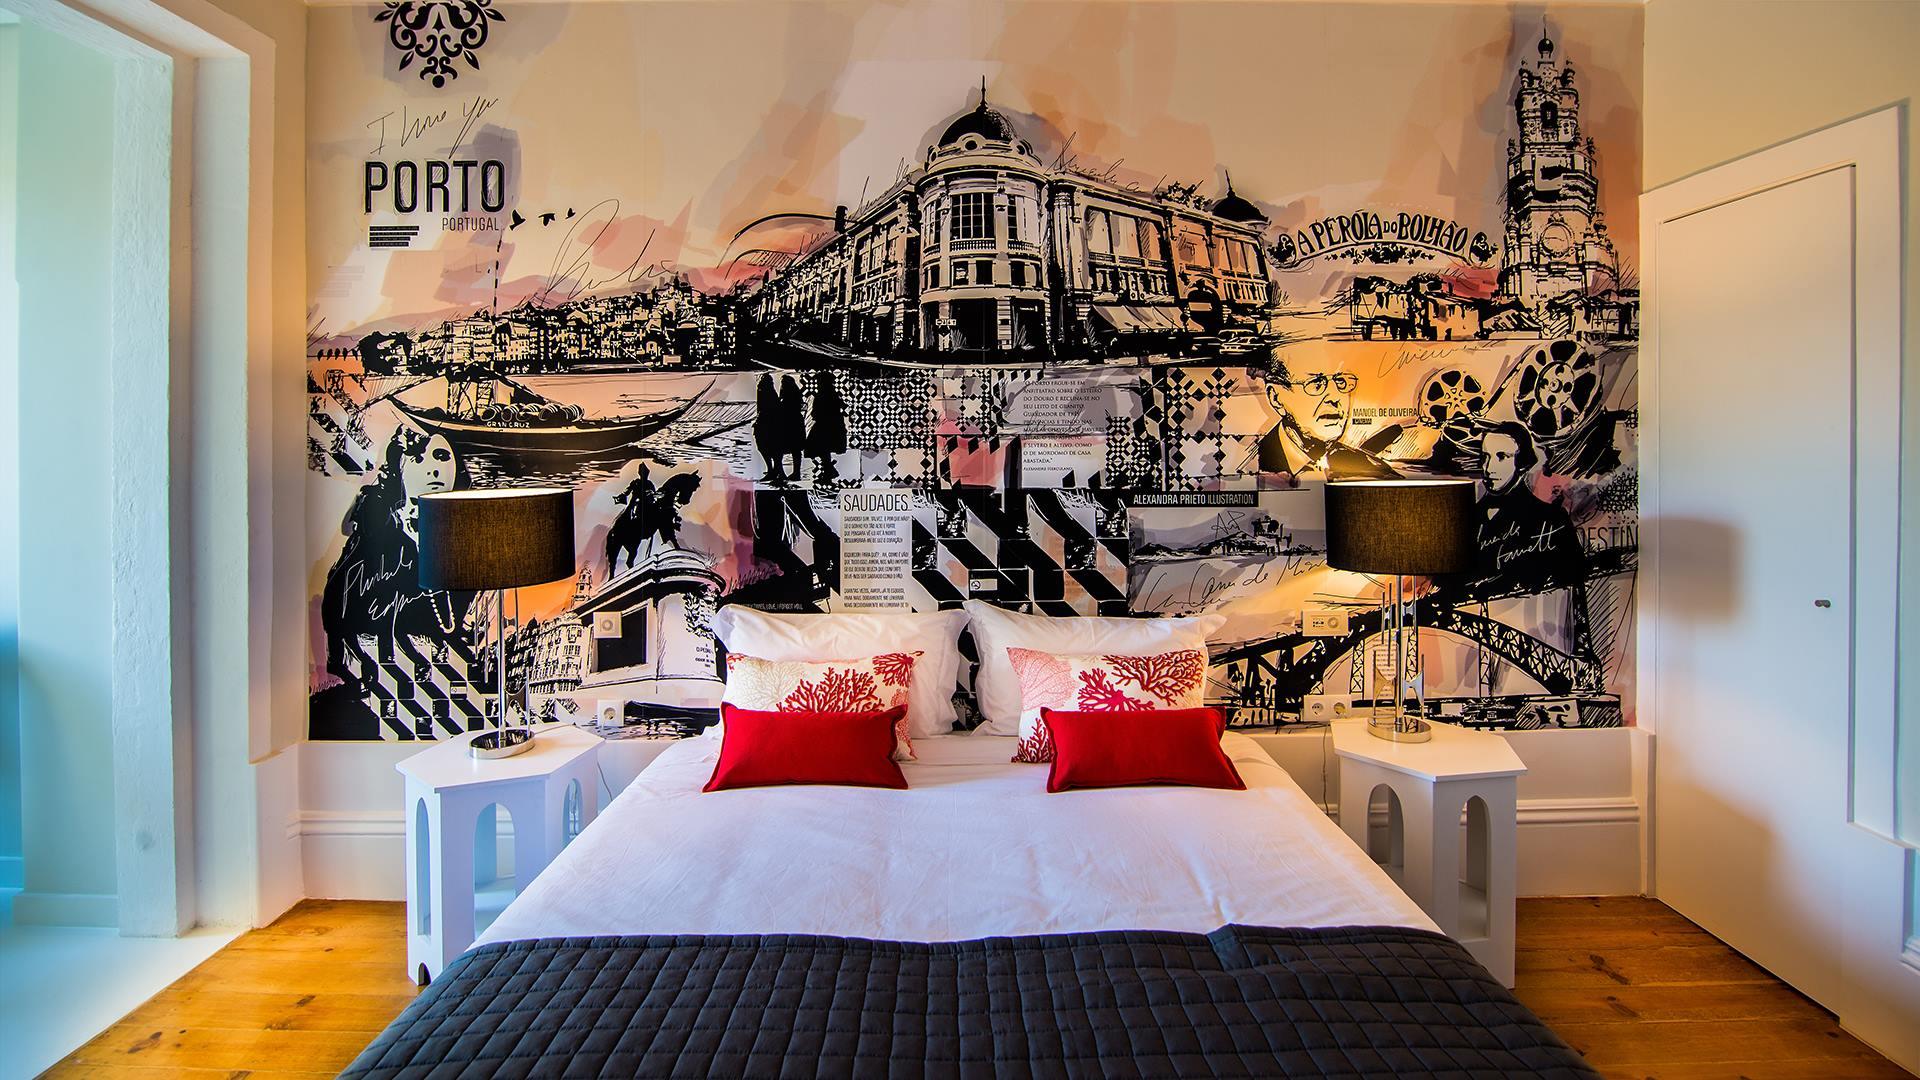 Courtesy of Gallery Hostel Porto